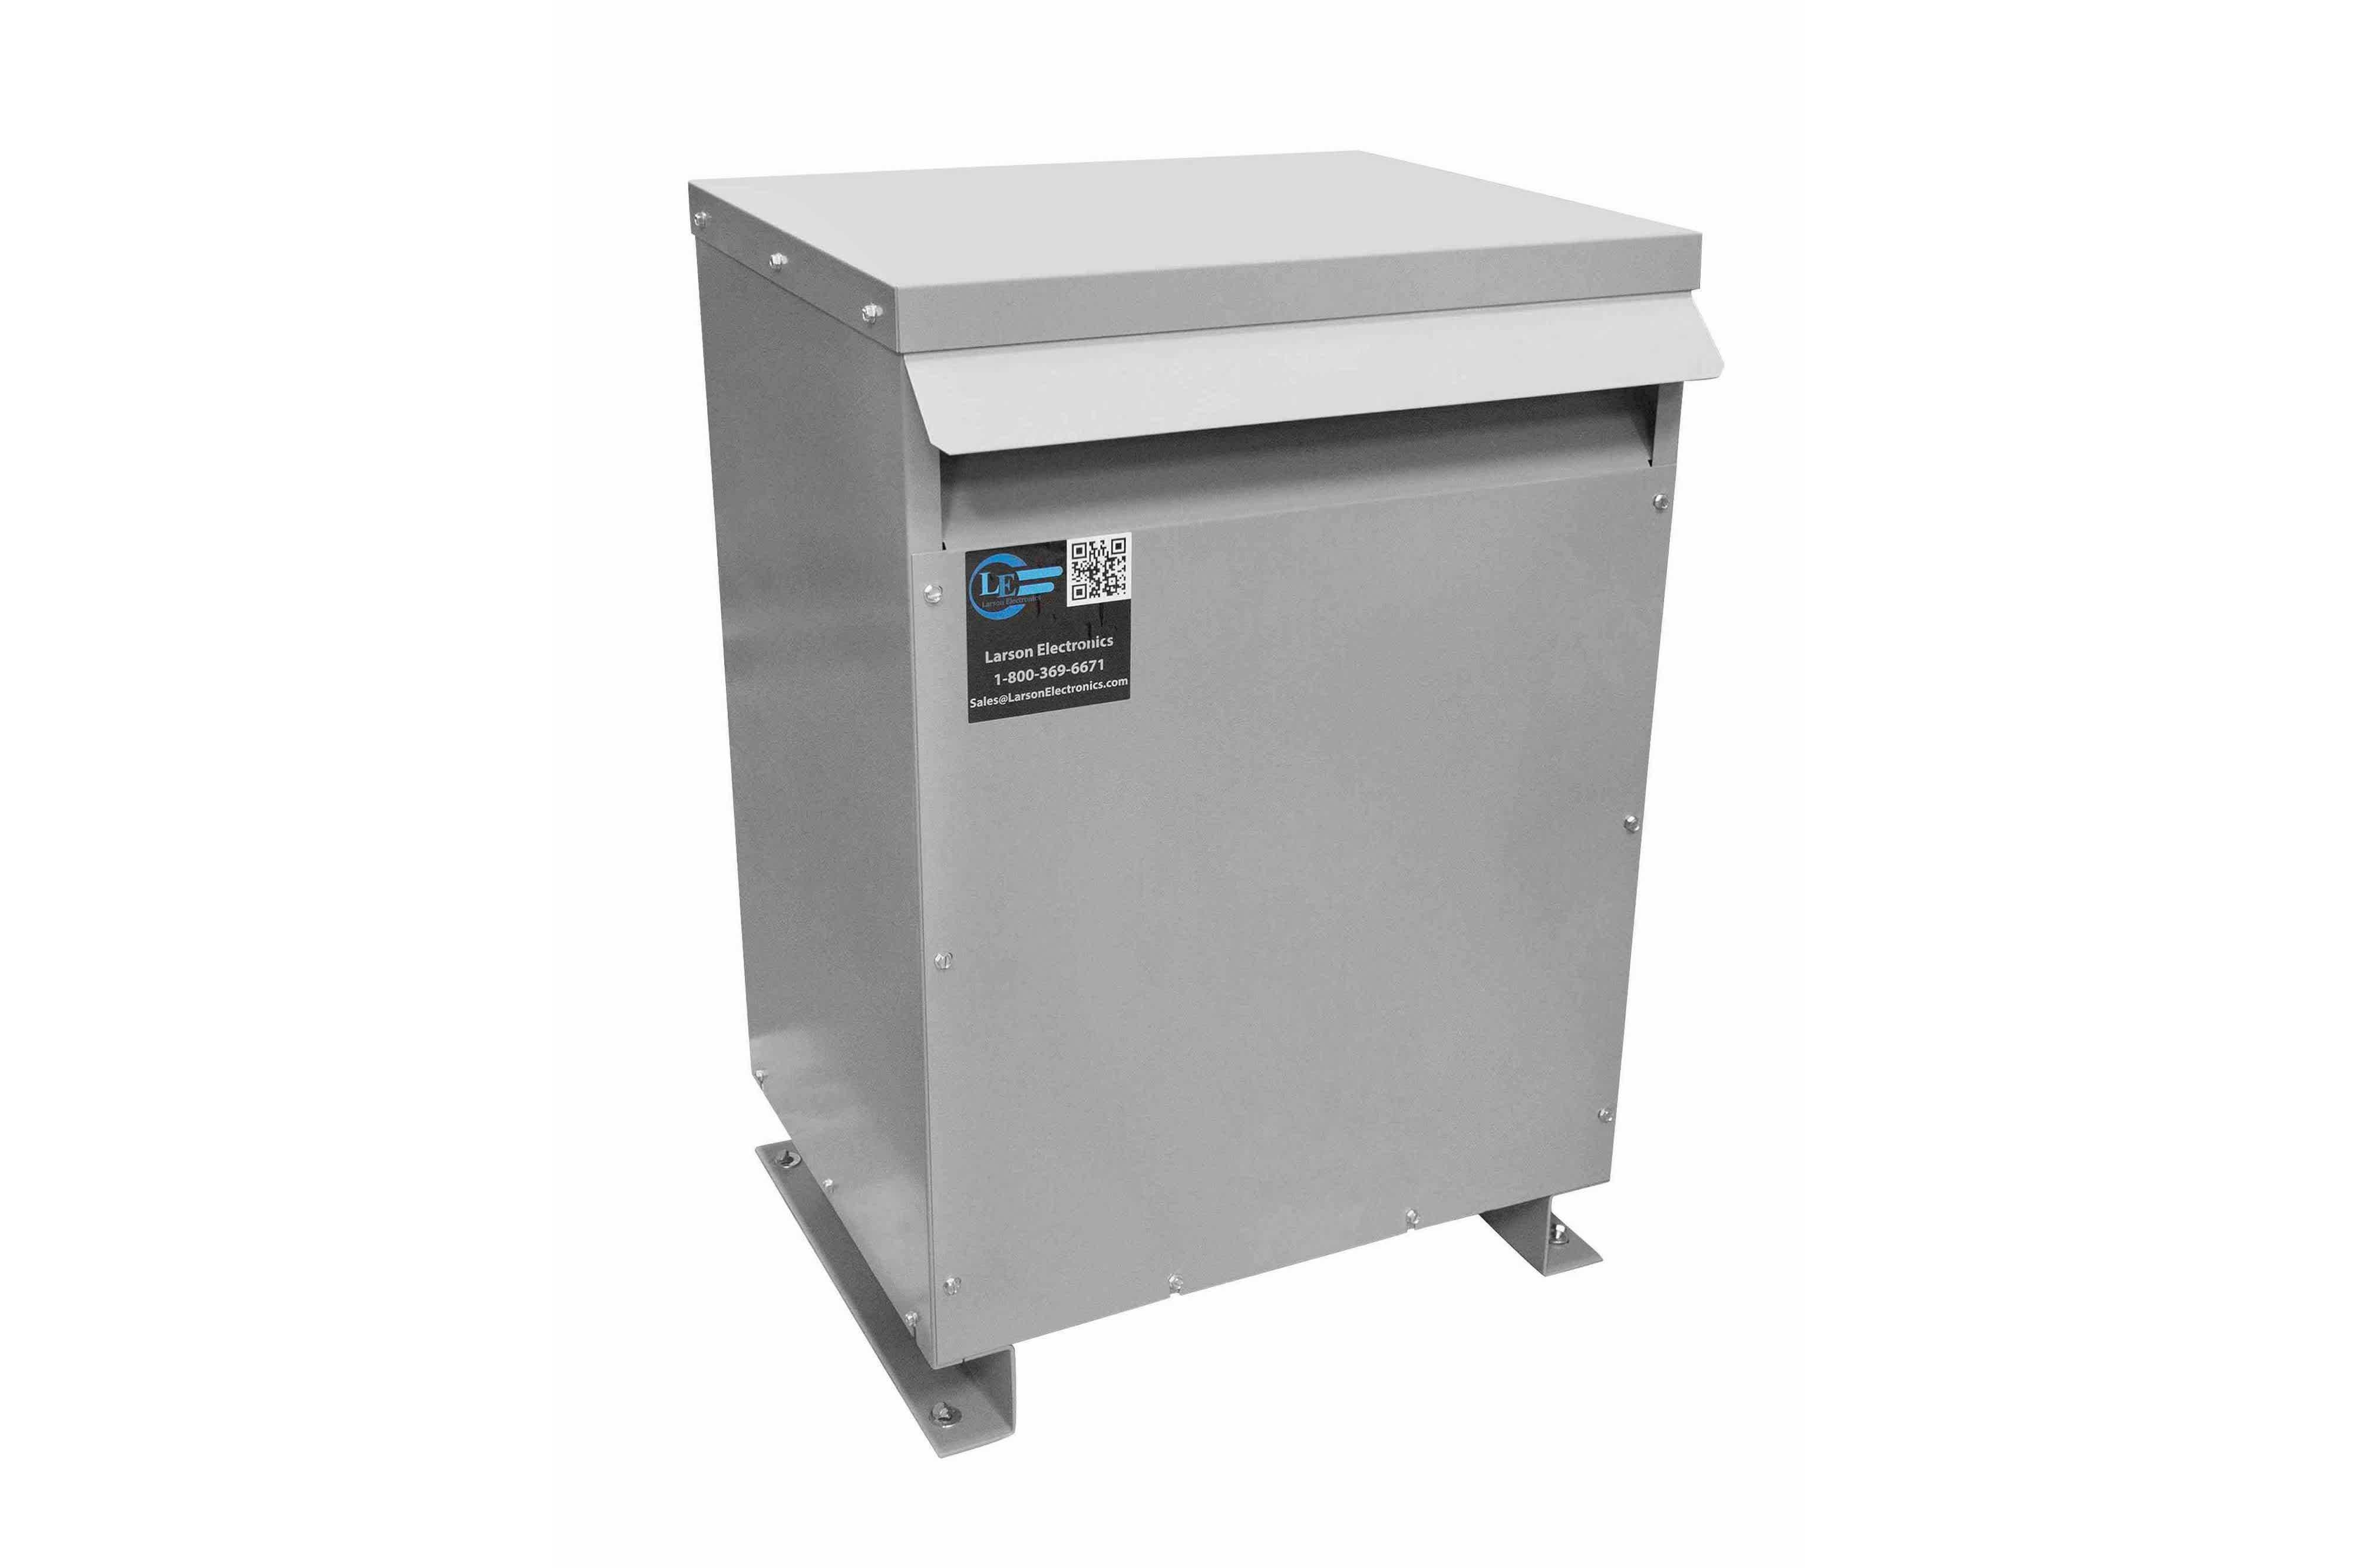 13 kVA 3PH Isolation Transformer, 440V Delta Primary, 208V Delta Secondary, N3R, Ventilated, 60 Hz